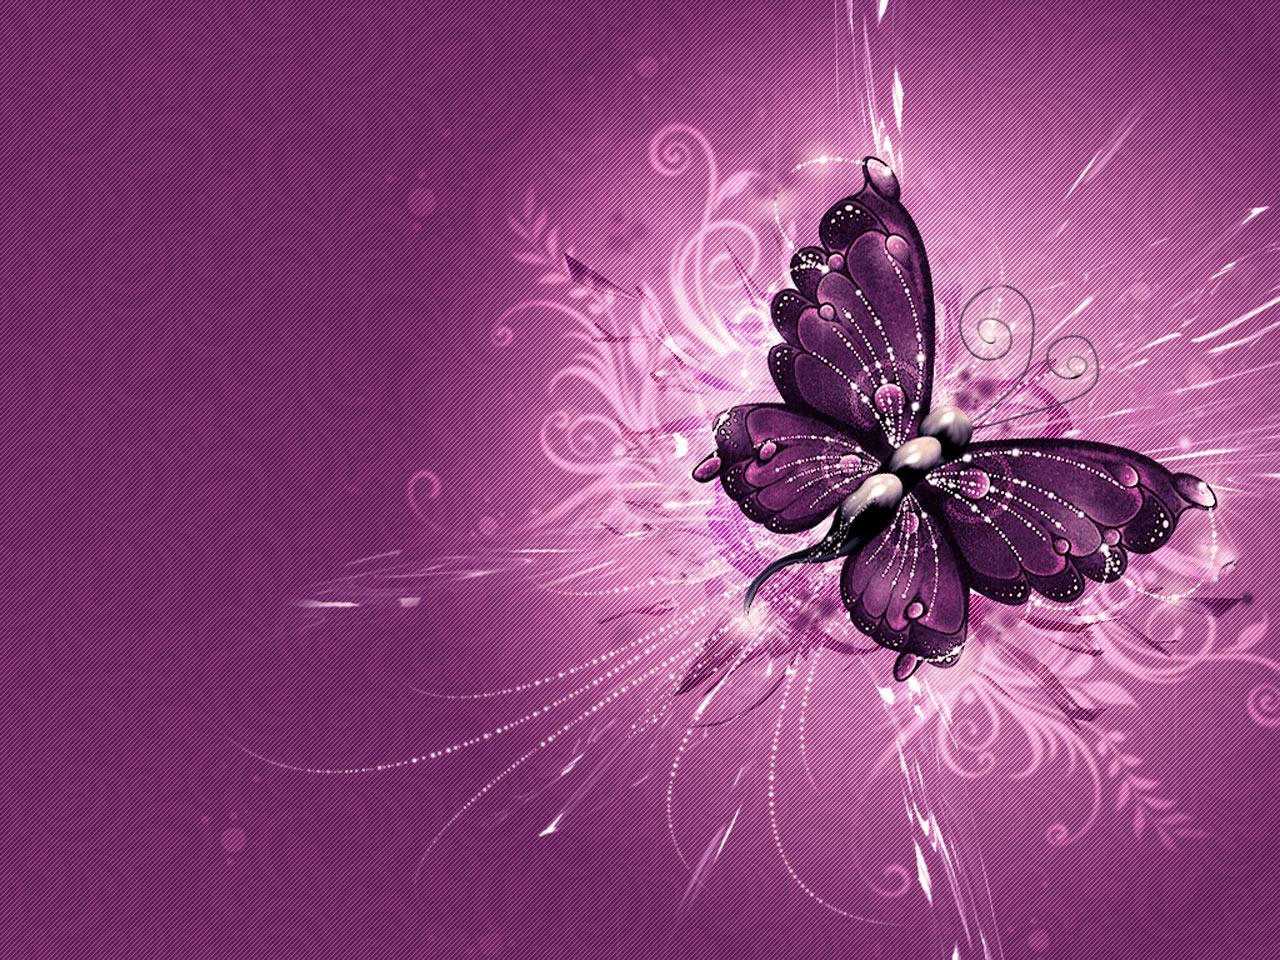 Cute Fairy Wallpaper 3D 9 Wallpaper   Hivewallpapercom 1280x960